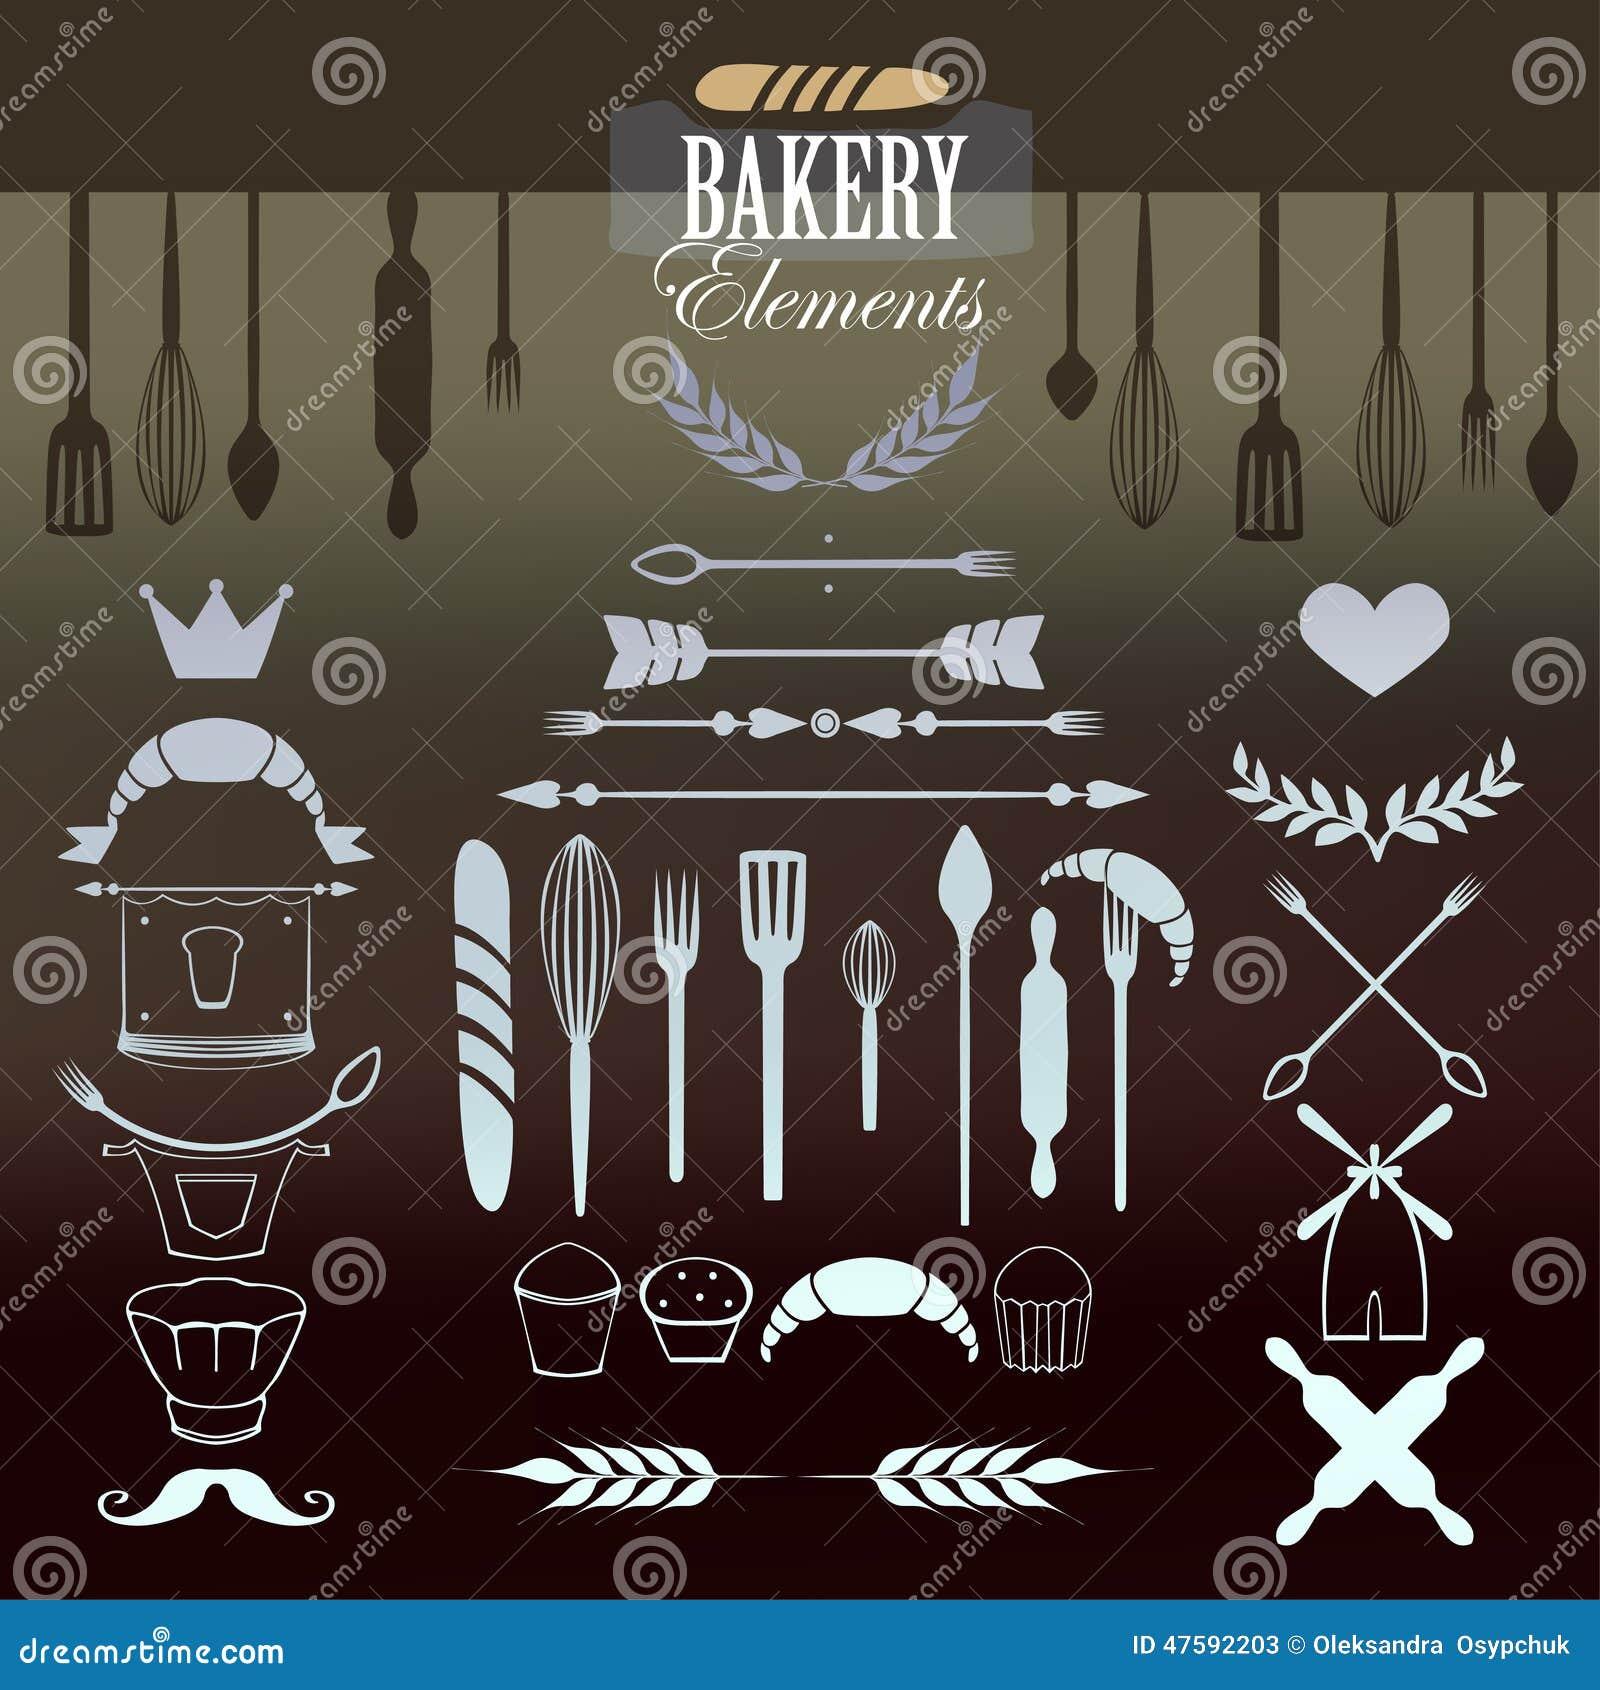 Panadero Elements para su diseño